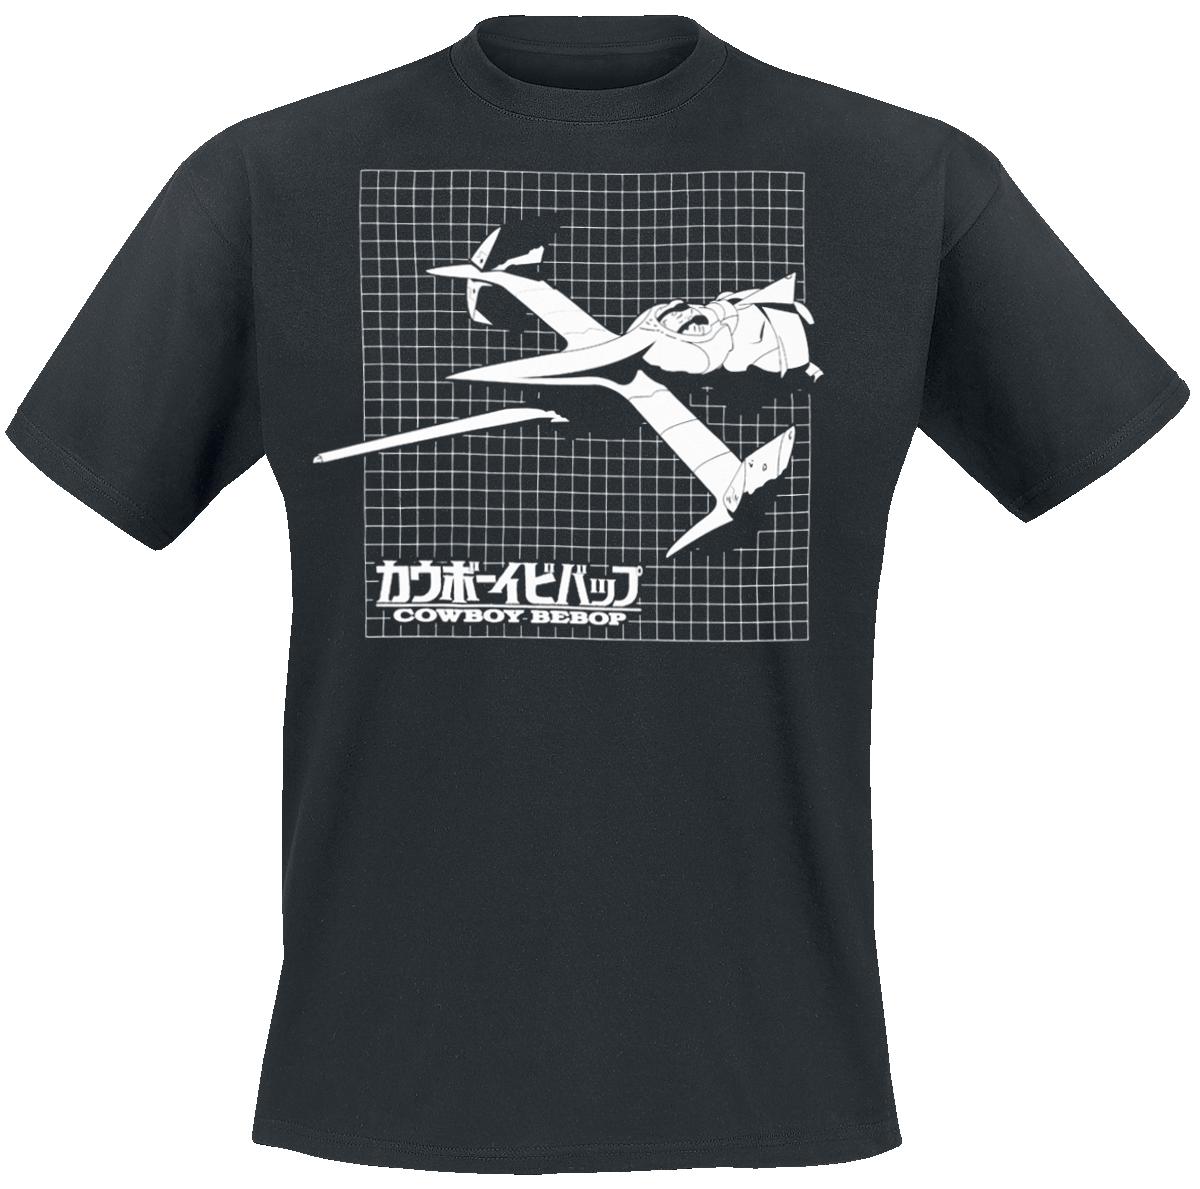 Cowboy Bebop - Grid - T-Shirt - black image